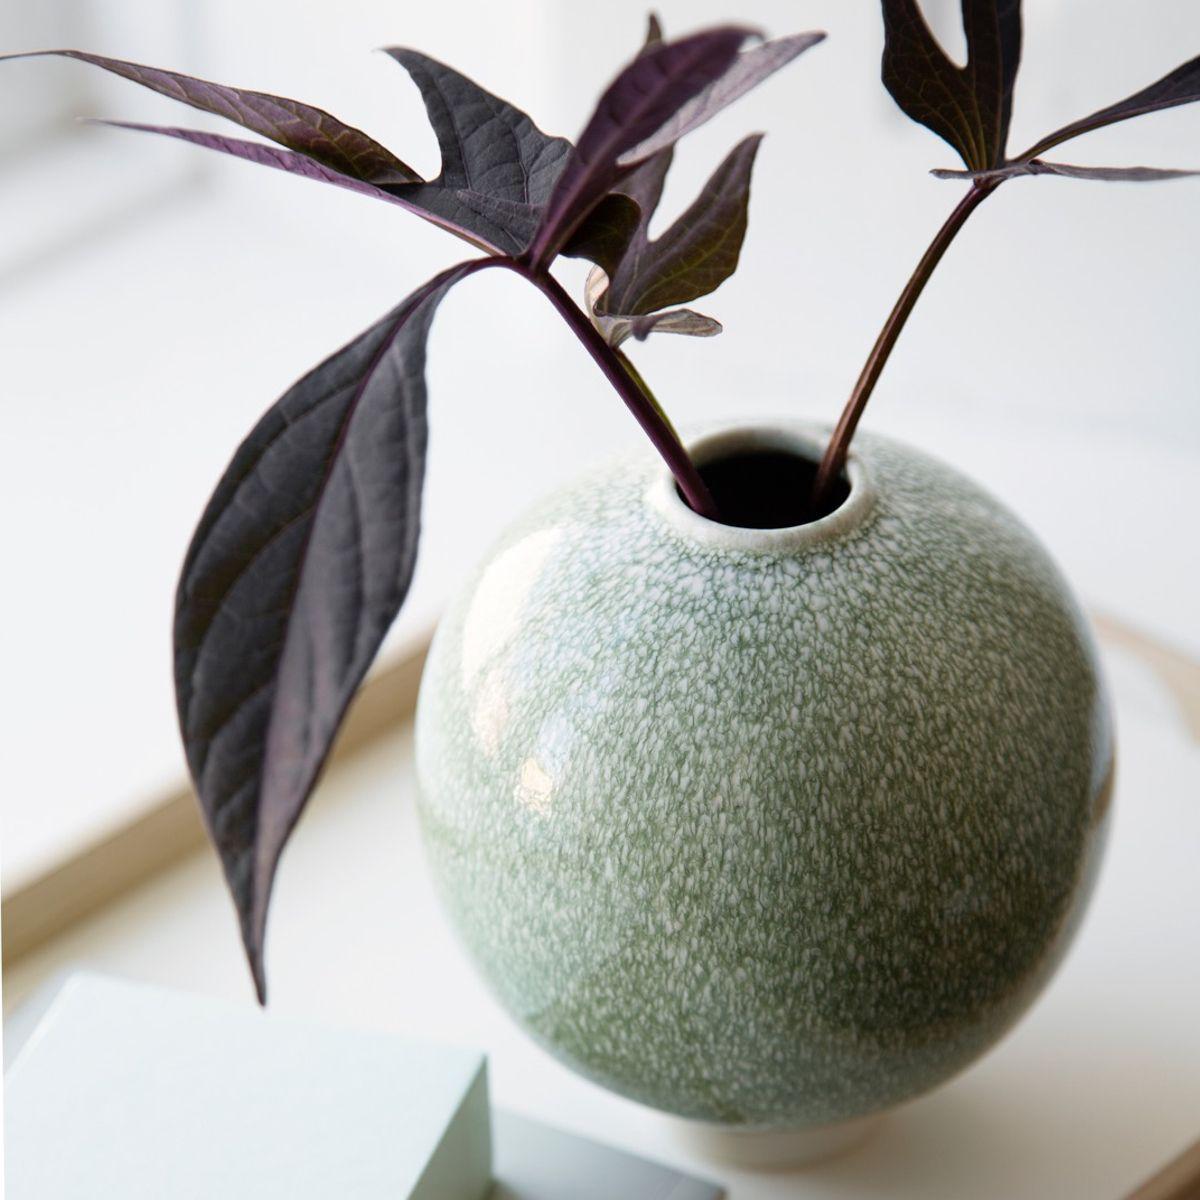 Kahler Unico Vase Large green on window cill